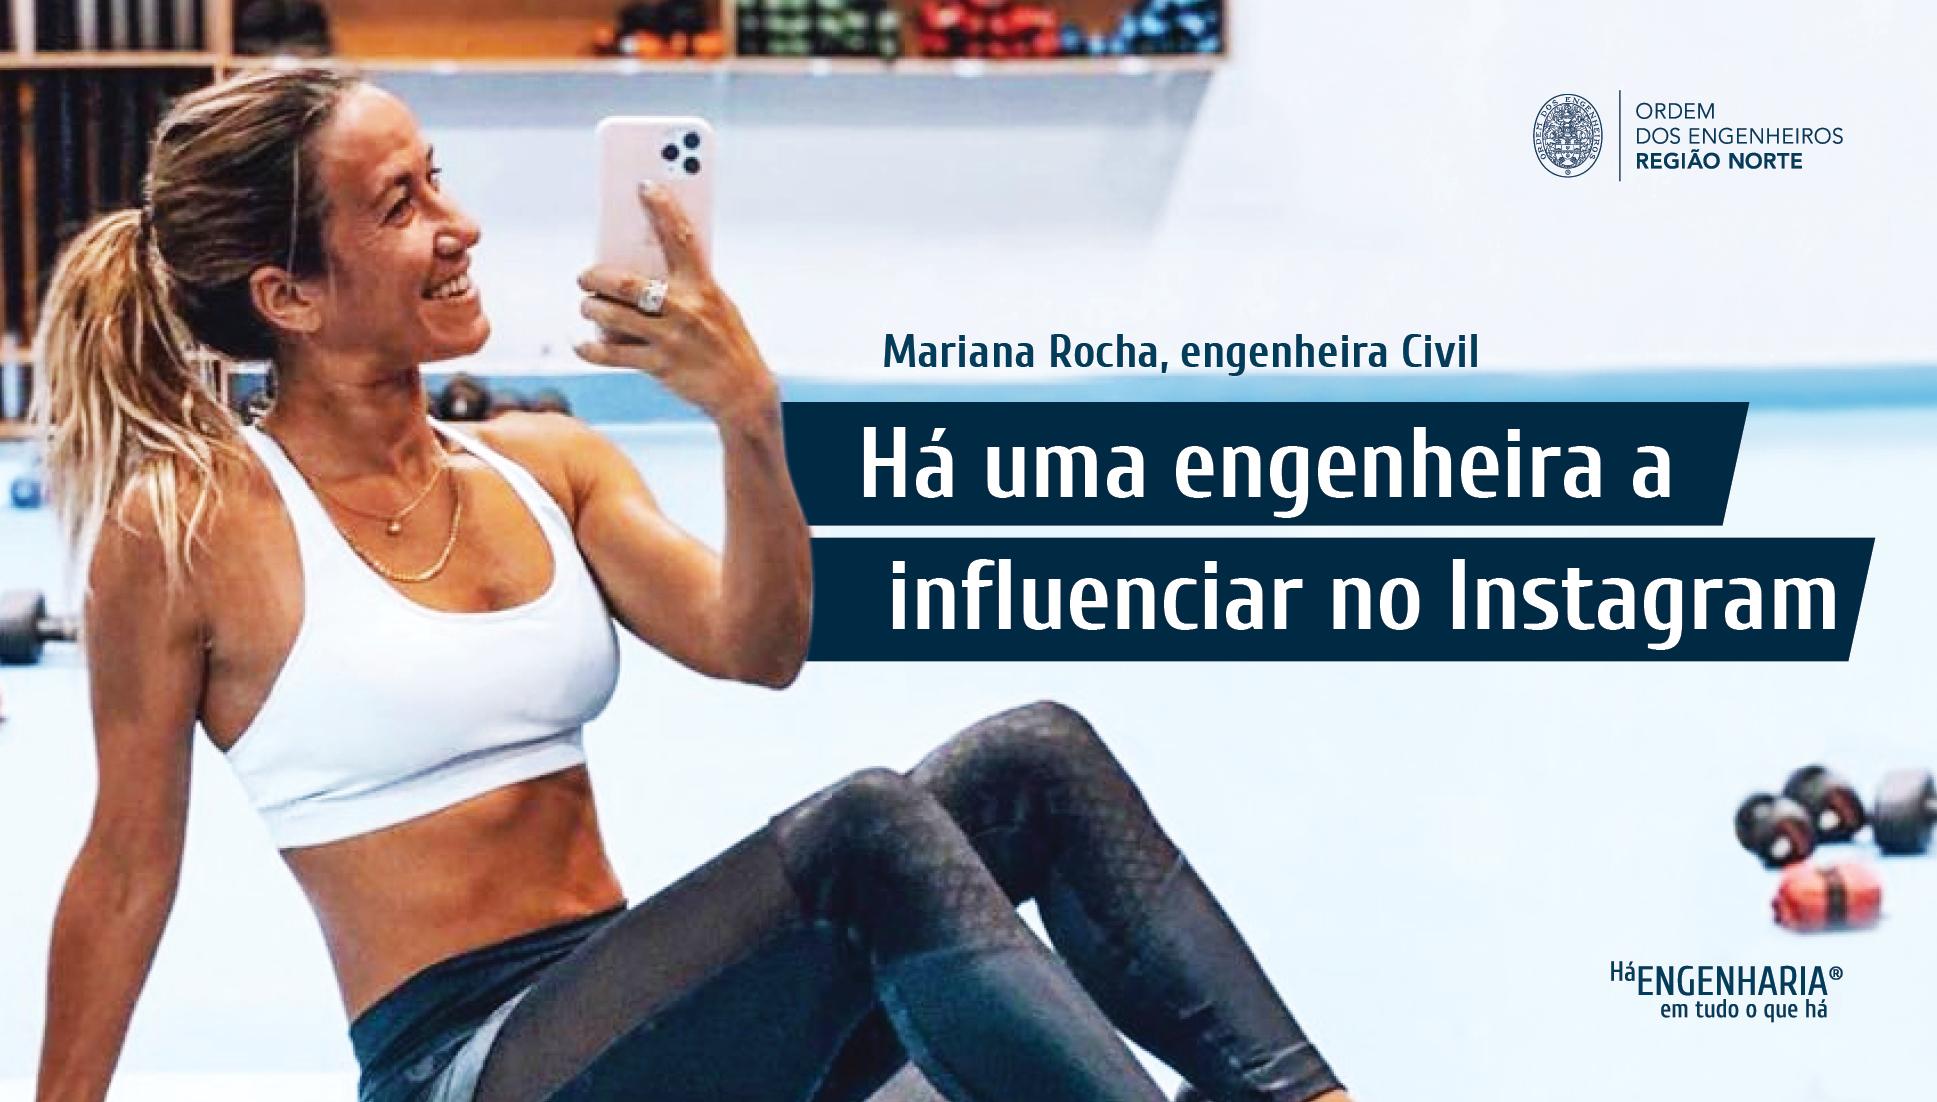 Plataforma Notícias Ordem Engenheiros Região Norte - Mariana Rocha: a engenheira com mais de 100 mil seguidores no Instagram